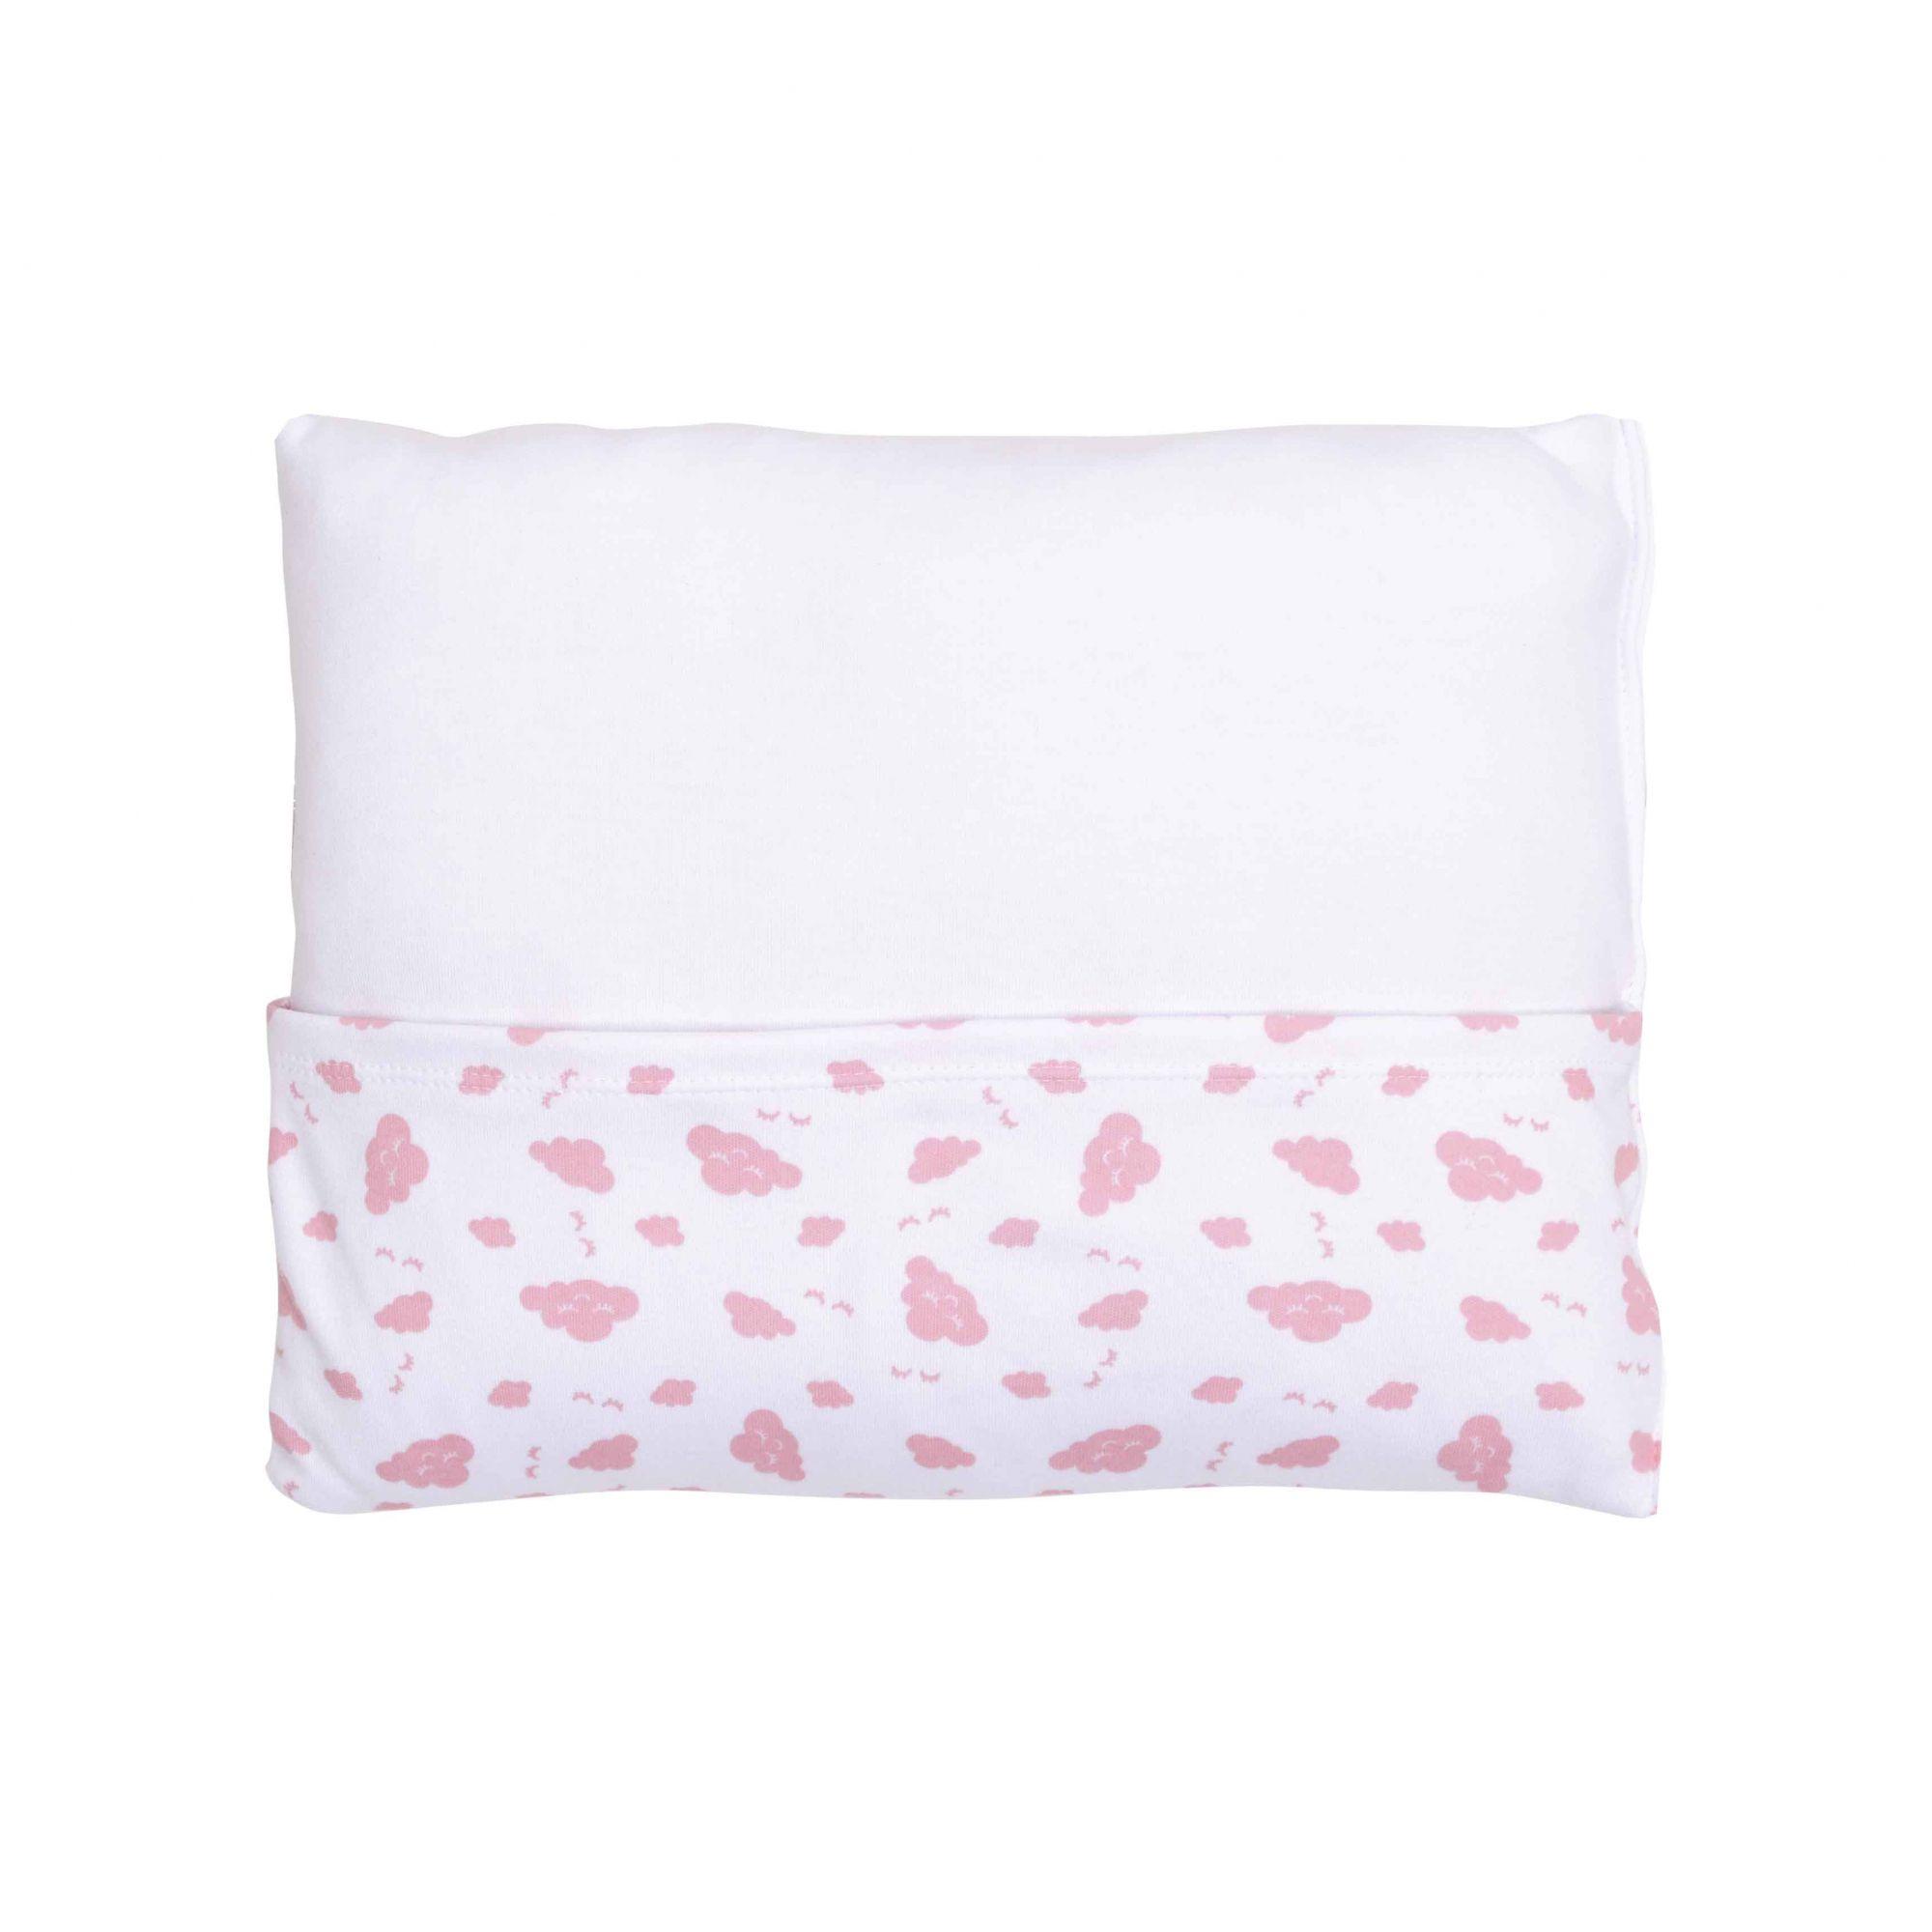 Kit Pijama Body Manga Longa, Calça e Travesseiro Rosa